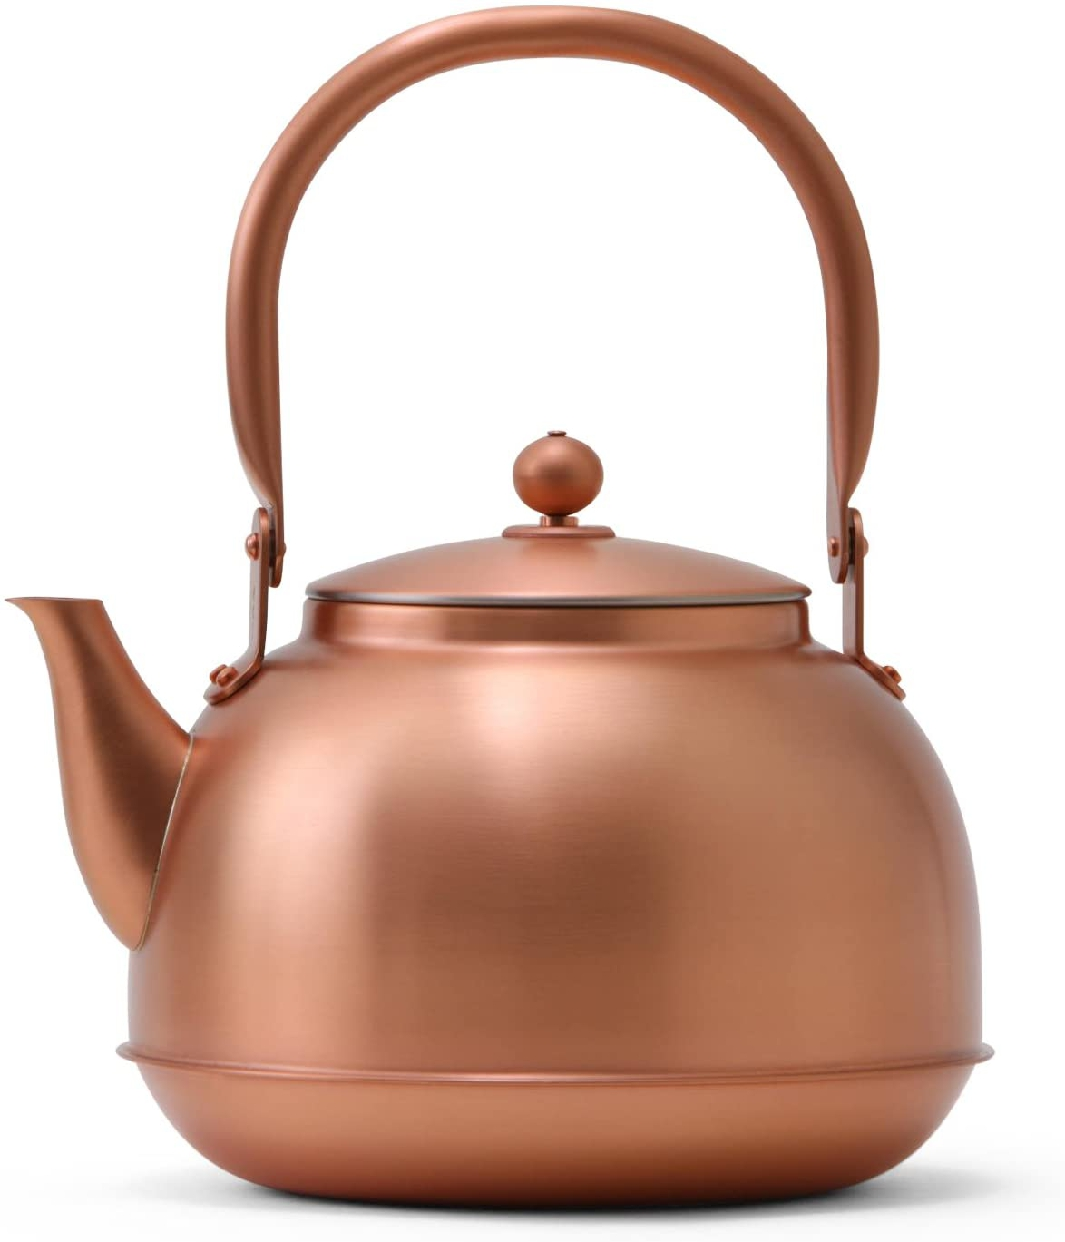 東屋 銅之薬缶 AZSN00001の商品画像